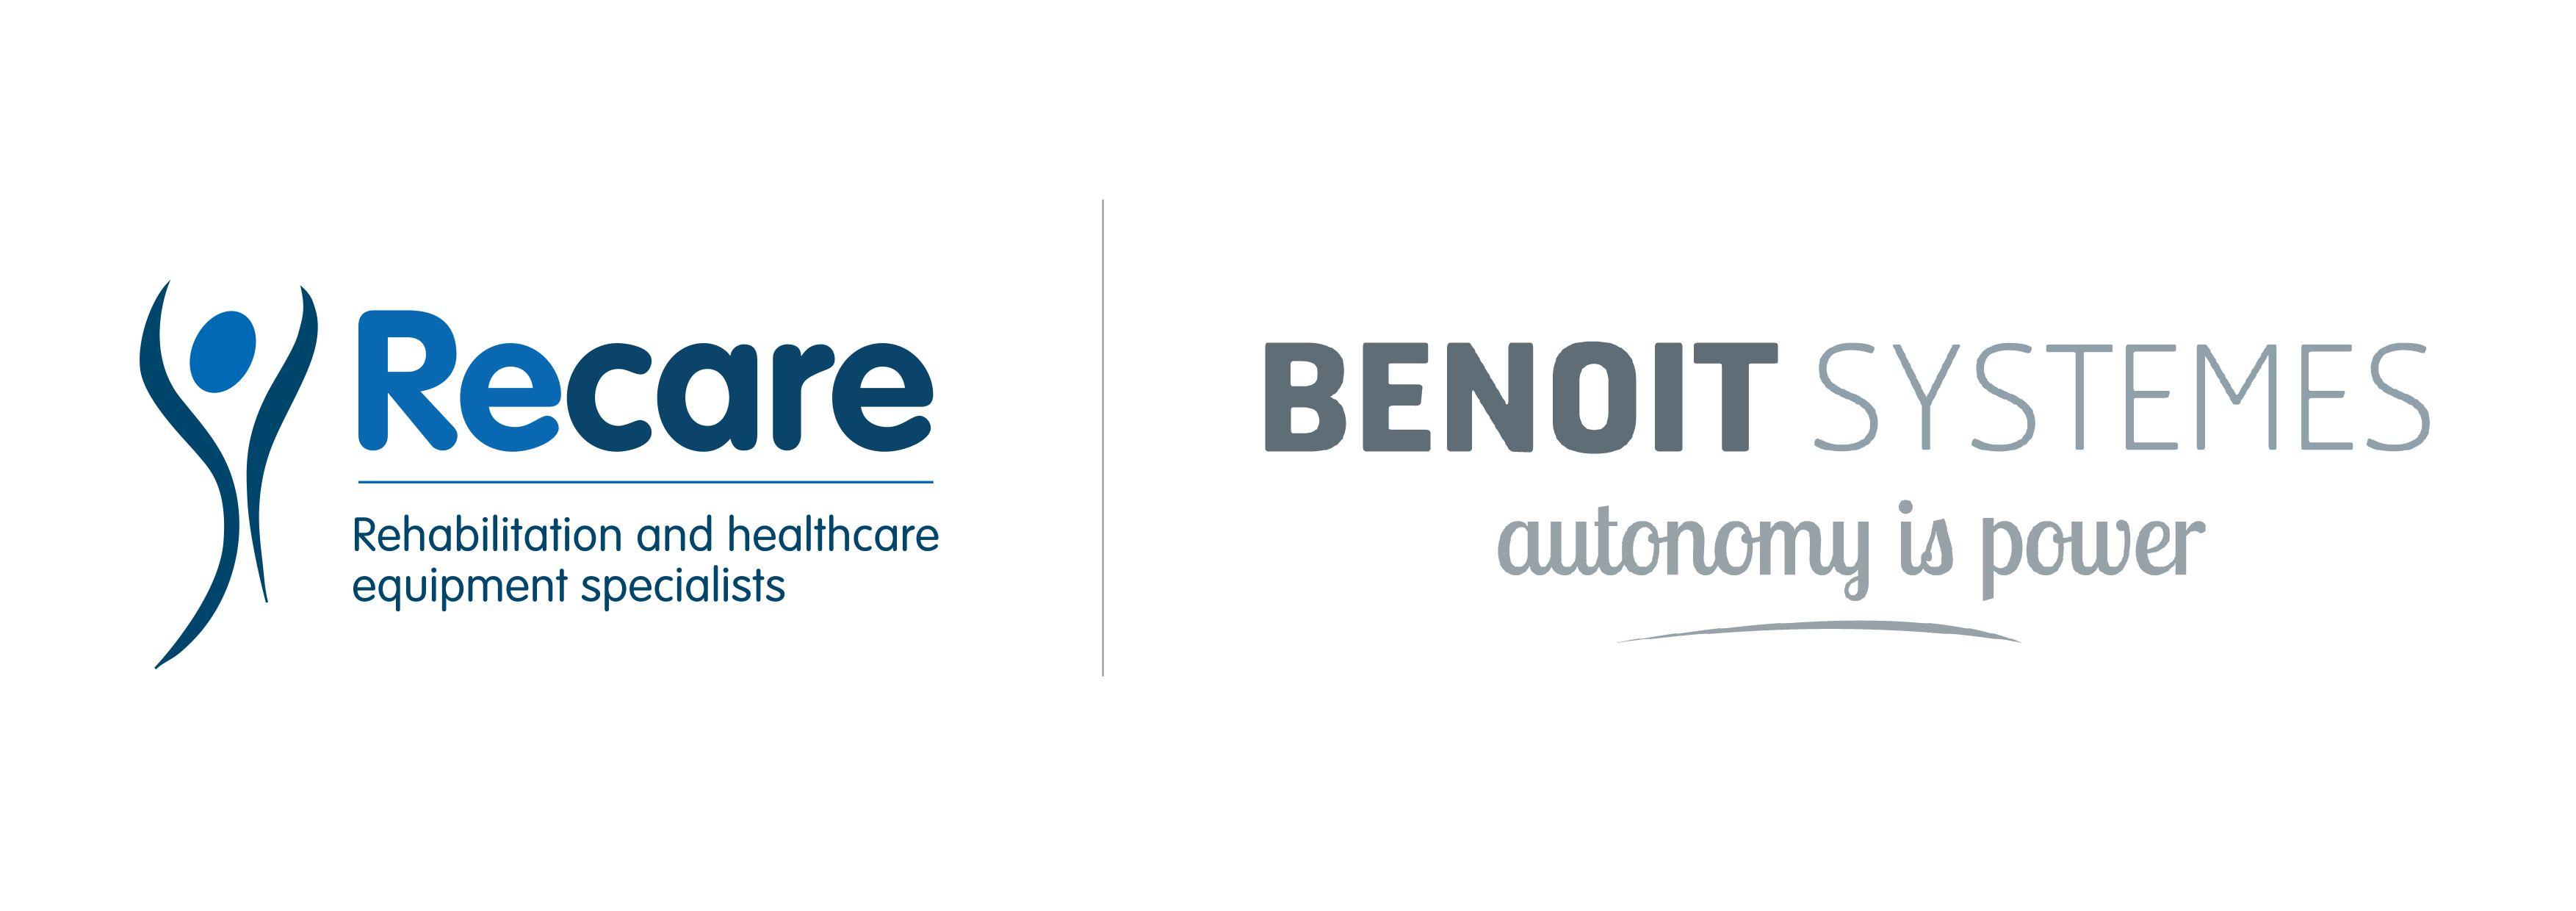 Benoit Systemes